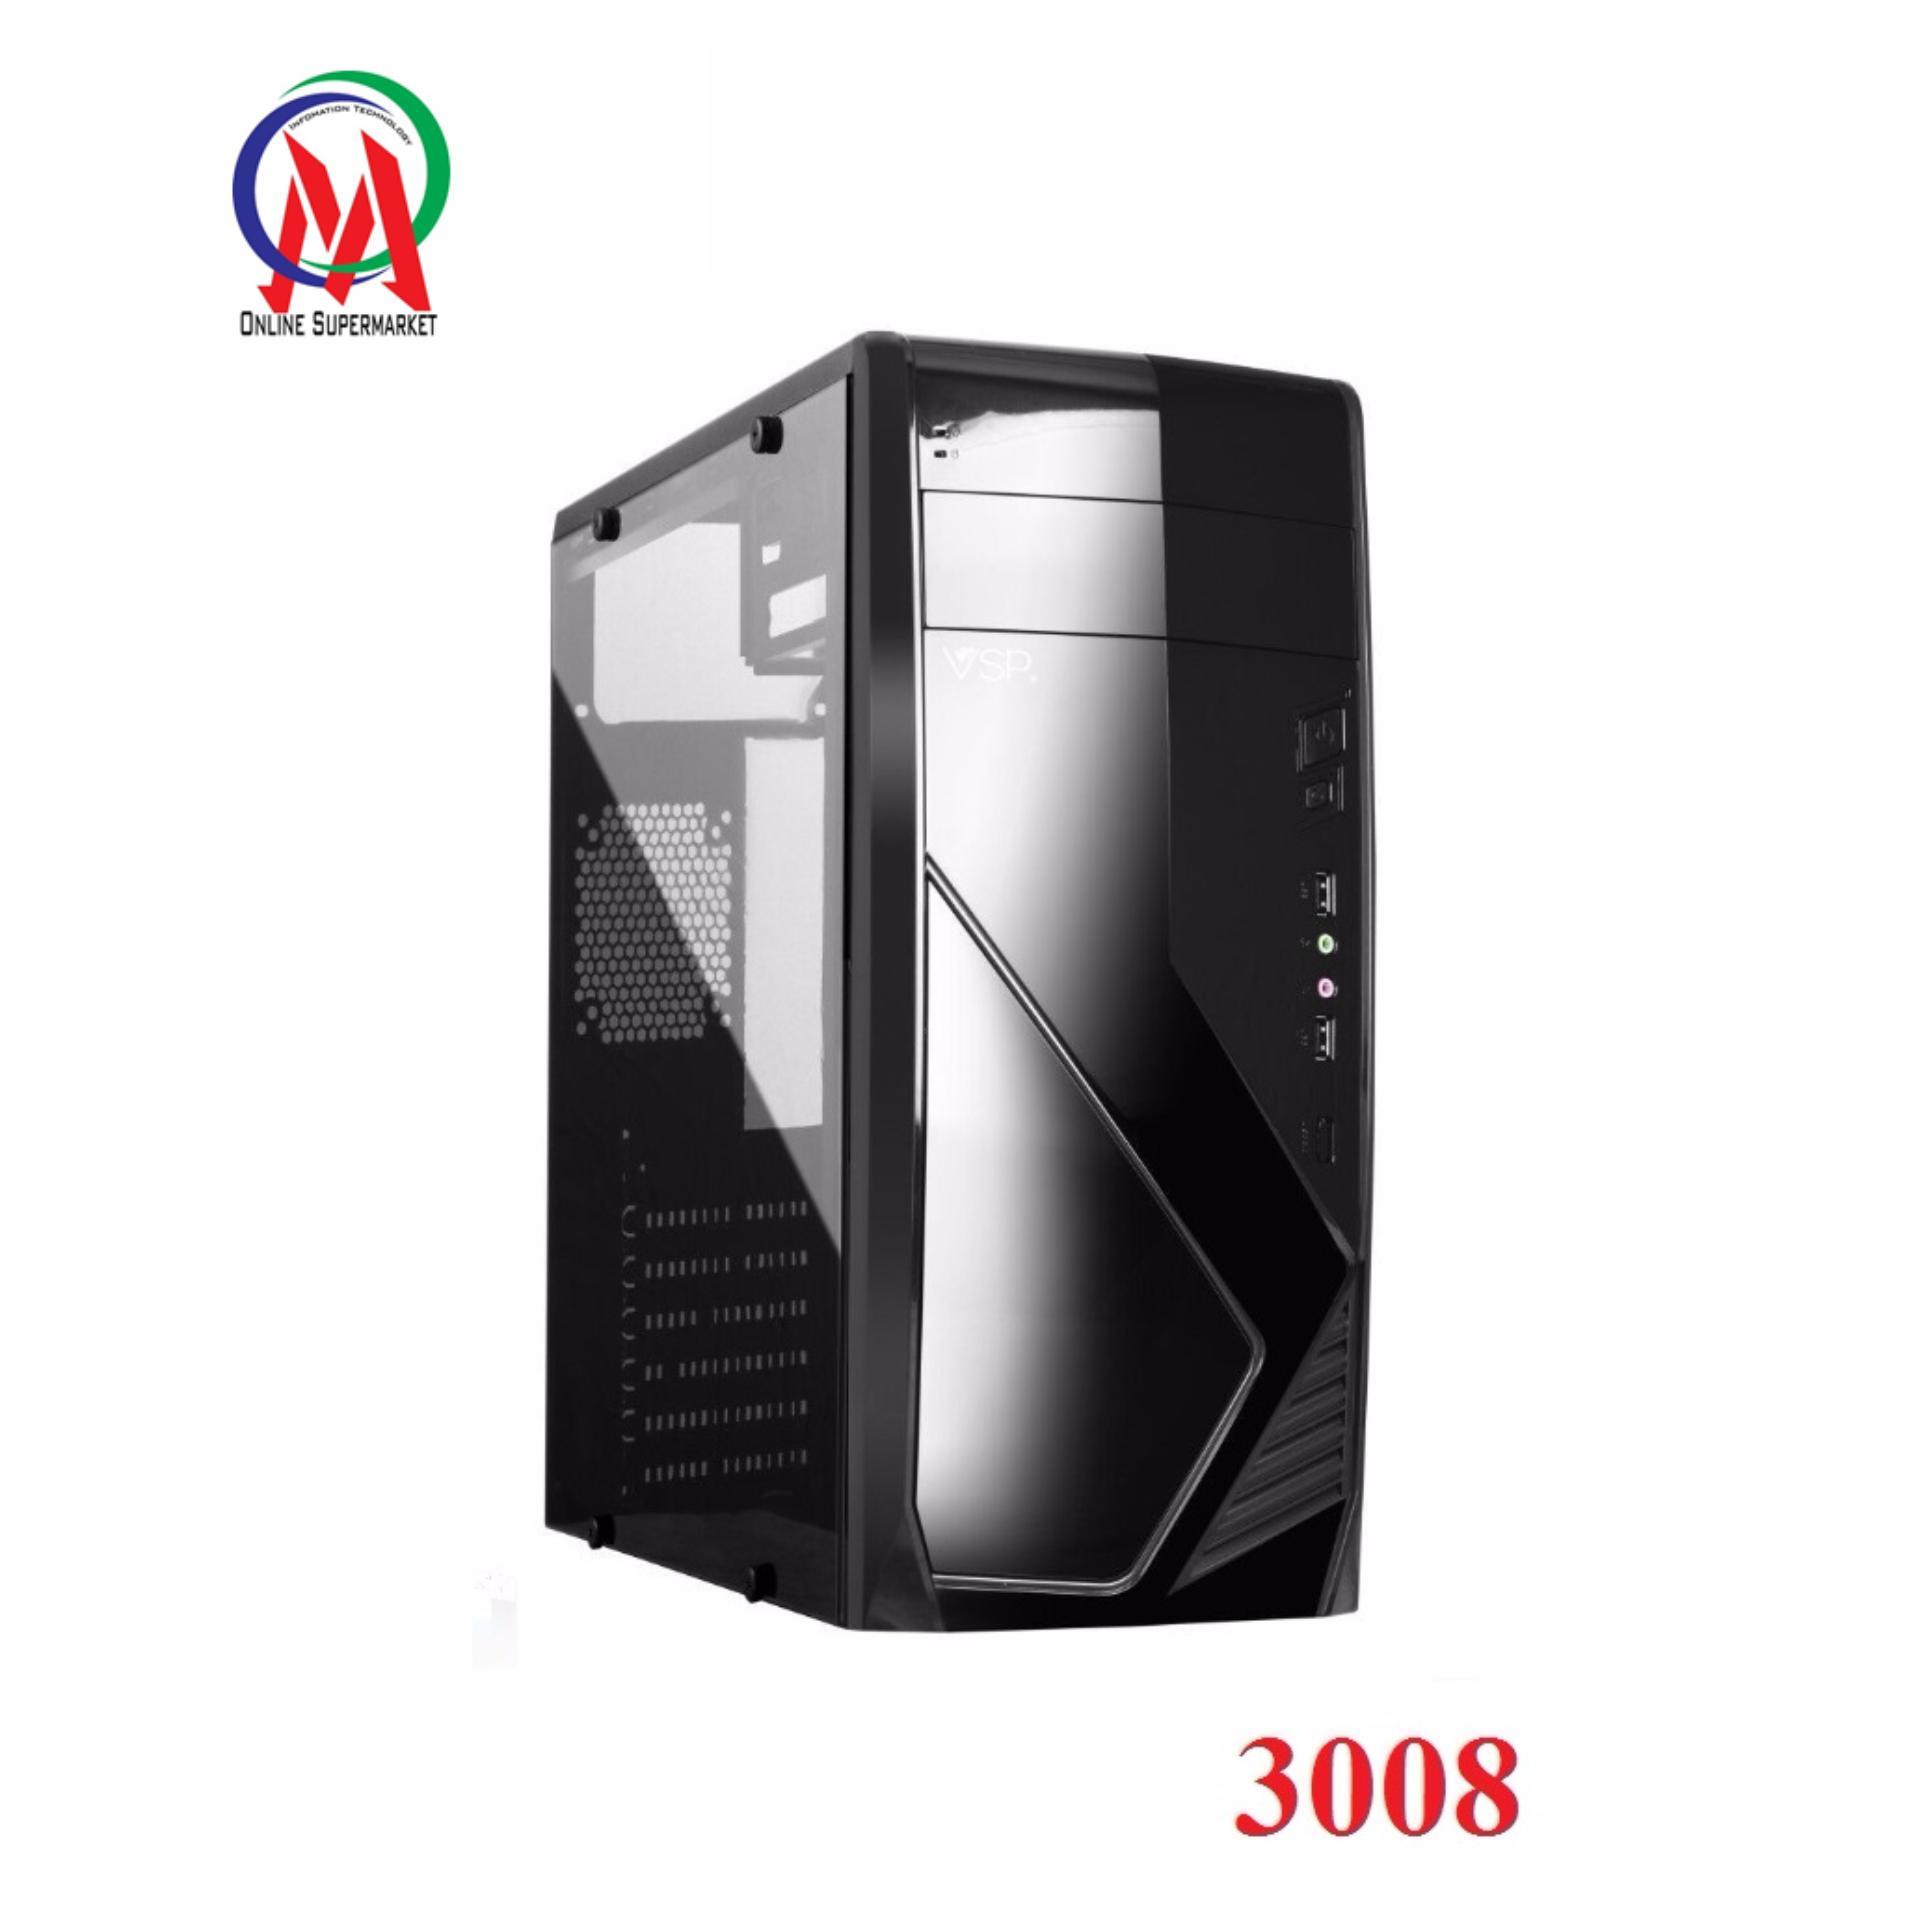 Hình ảnh Vỏ Case máy tính VSP 3008 Full Kính bên hông trong suốt sơn tĩnh điện